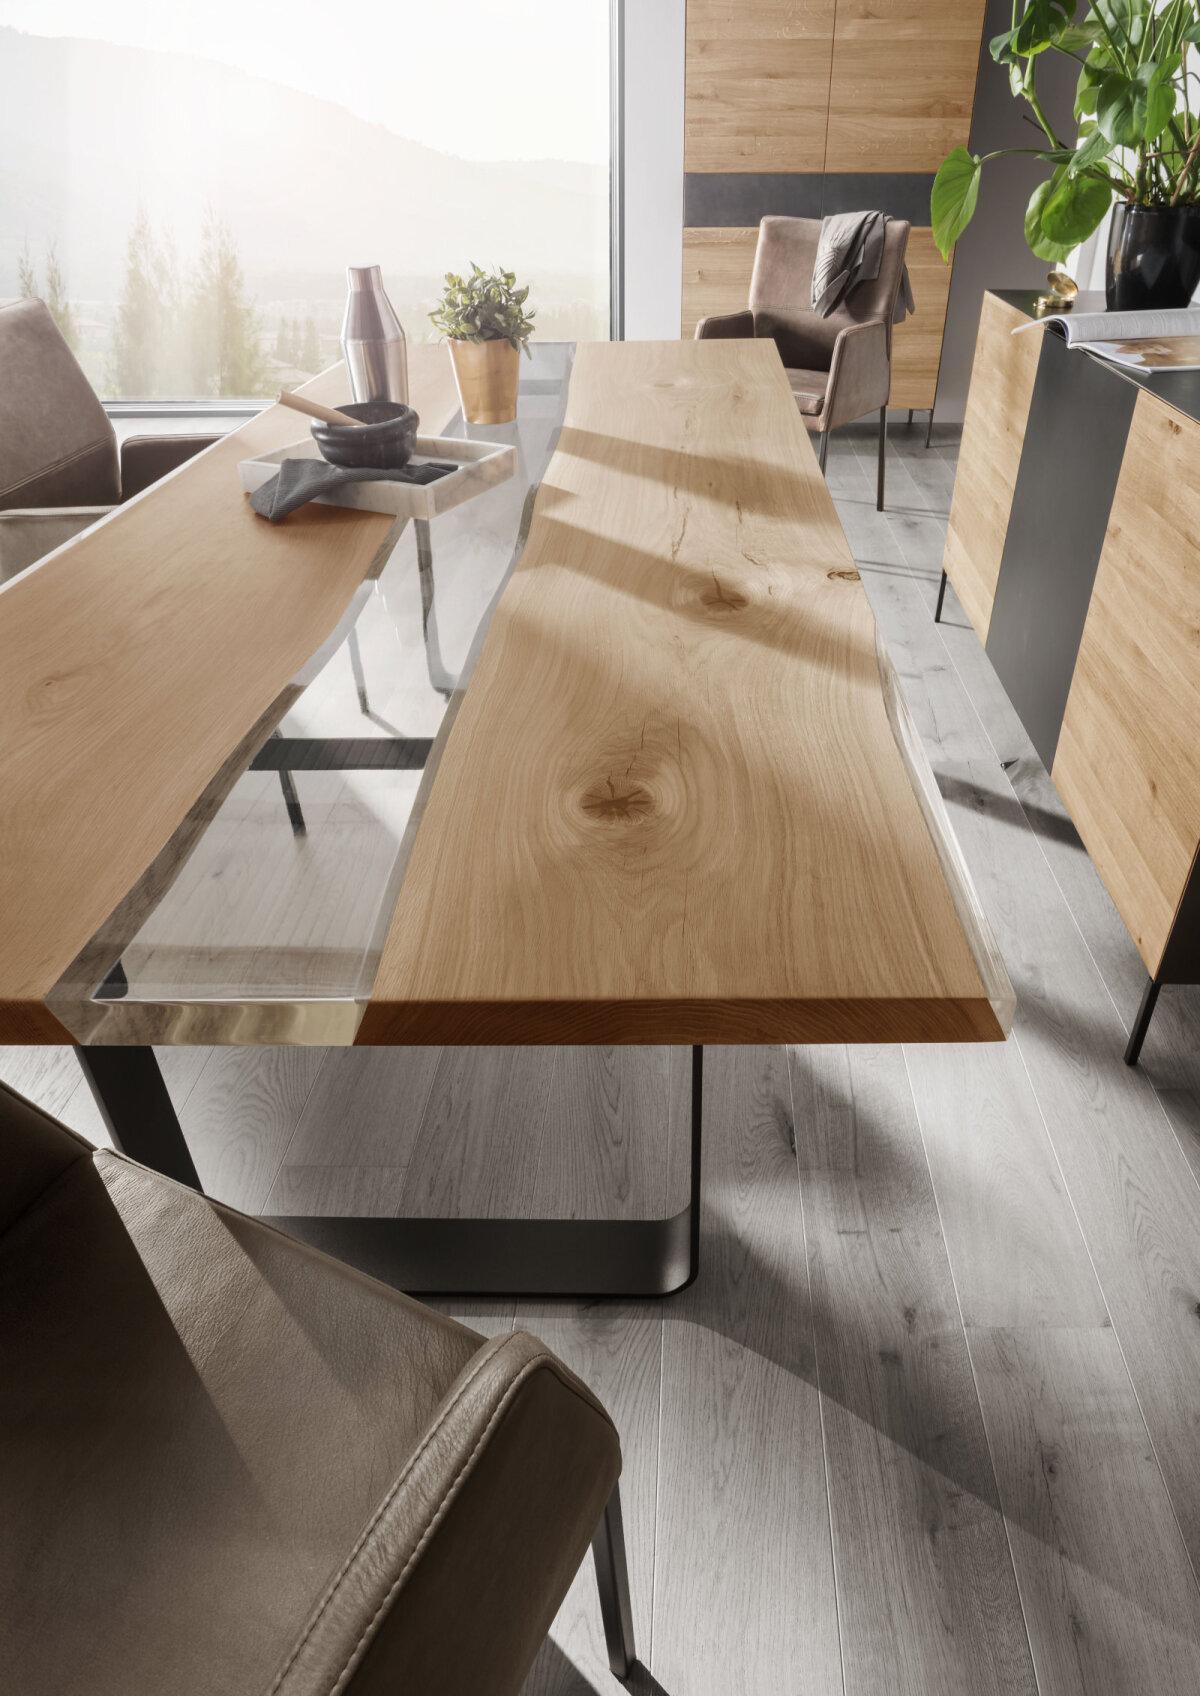 Oriensi pikast puidulipist valmistatud tooteid võiks pidada sisustusmaailma modellideks. Nii ka söögilauda TREE, mis oma naturaalses ilus paneb elama iga köögi, kodu südame.